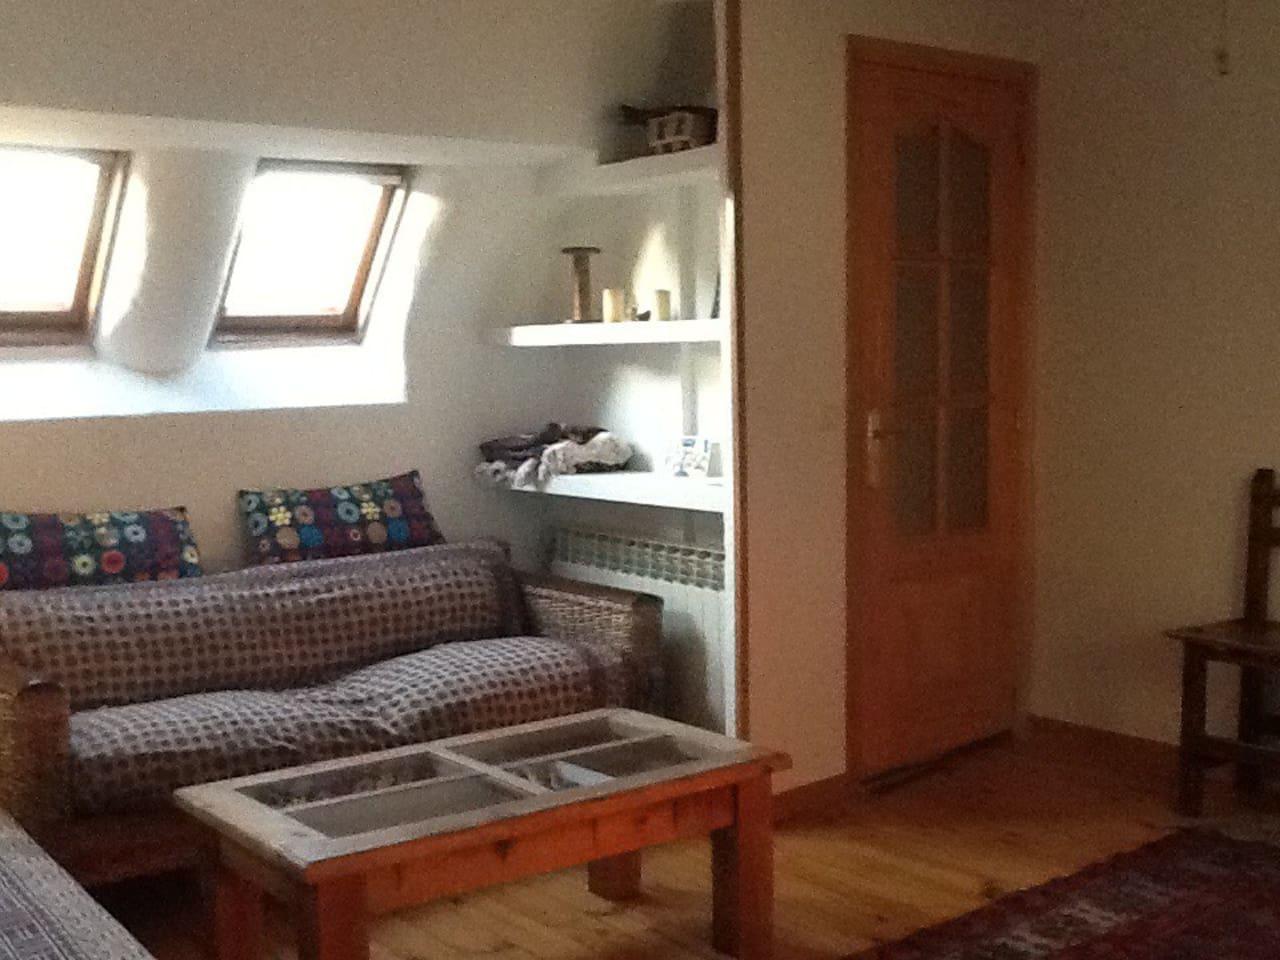 Original Apartamento Frente A La Sierra Apartamentos Para Alugar  # Muebles Riu Donostia